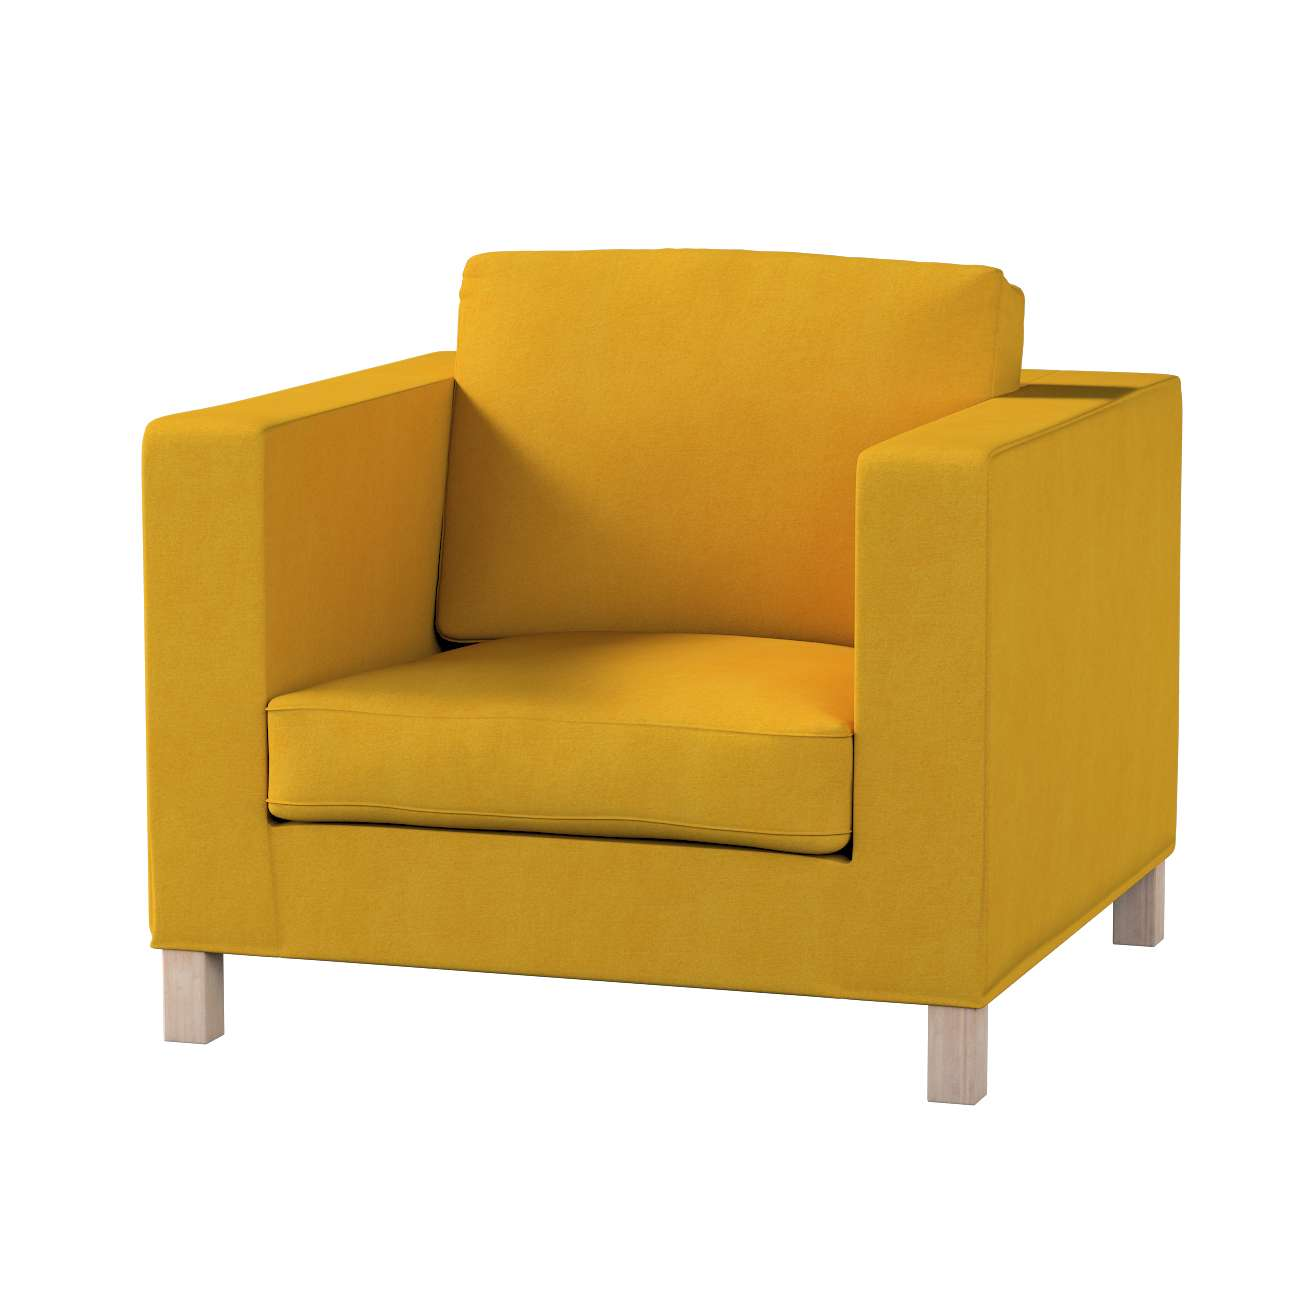 Karlanda päällinen nojatuoli, lyhyt mallistosta Etna - ei verhoihin, Kangas: 705-04